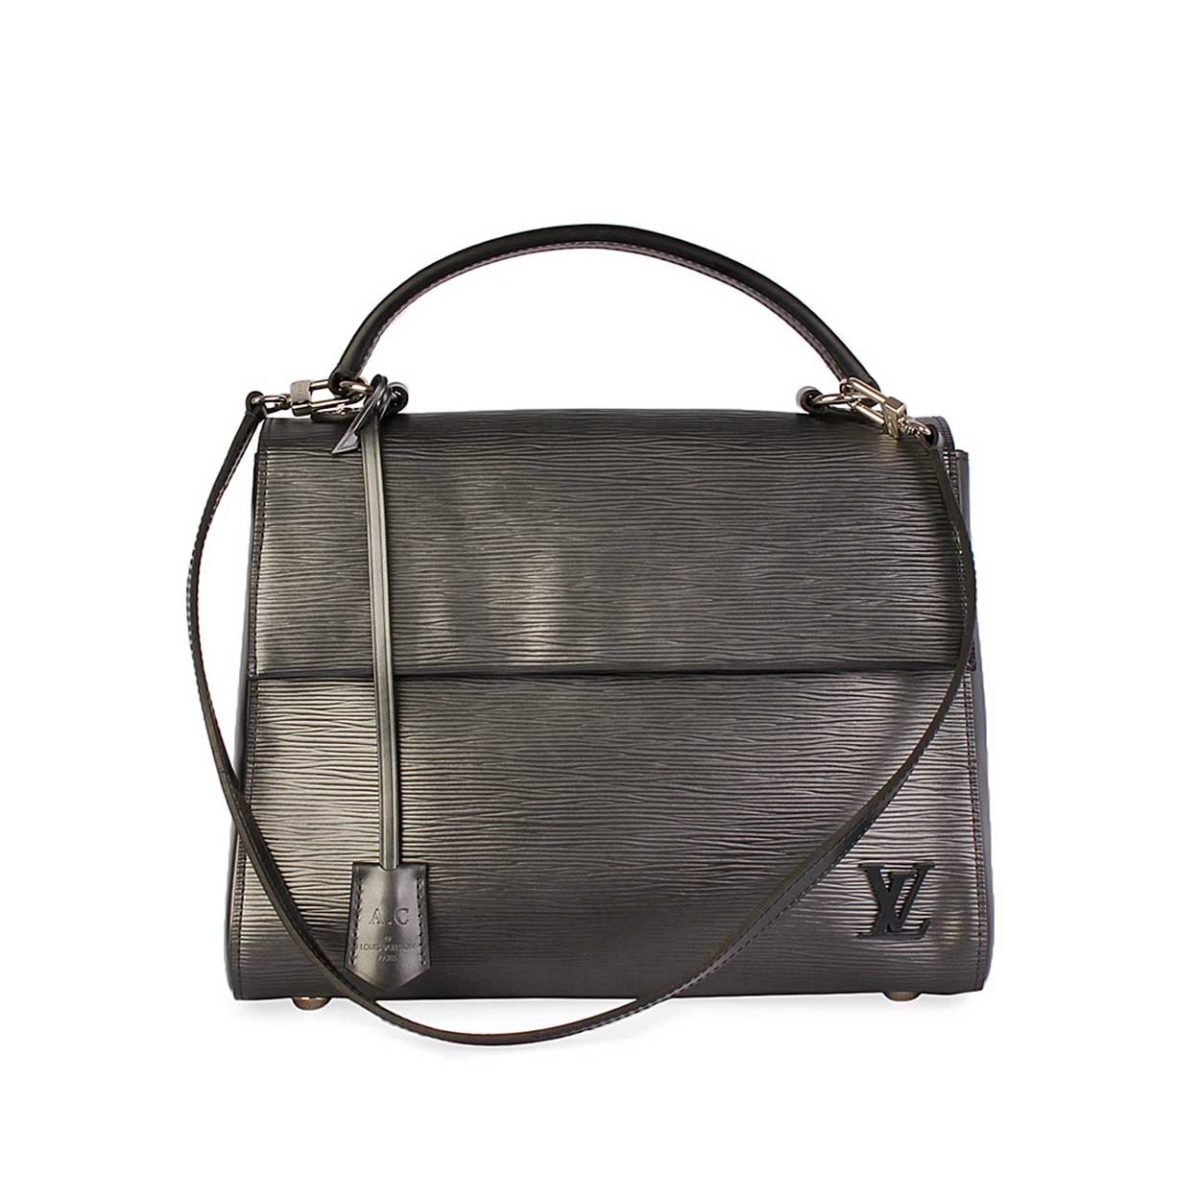 771d31342a59 LOUIS VUITTON Epi Leather Cluny MM Noir Electrique.   2